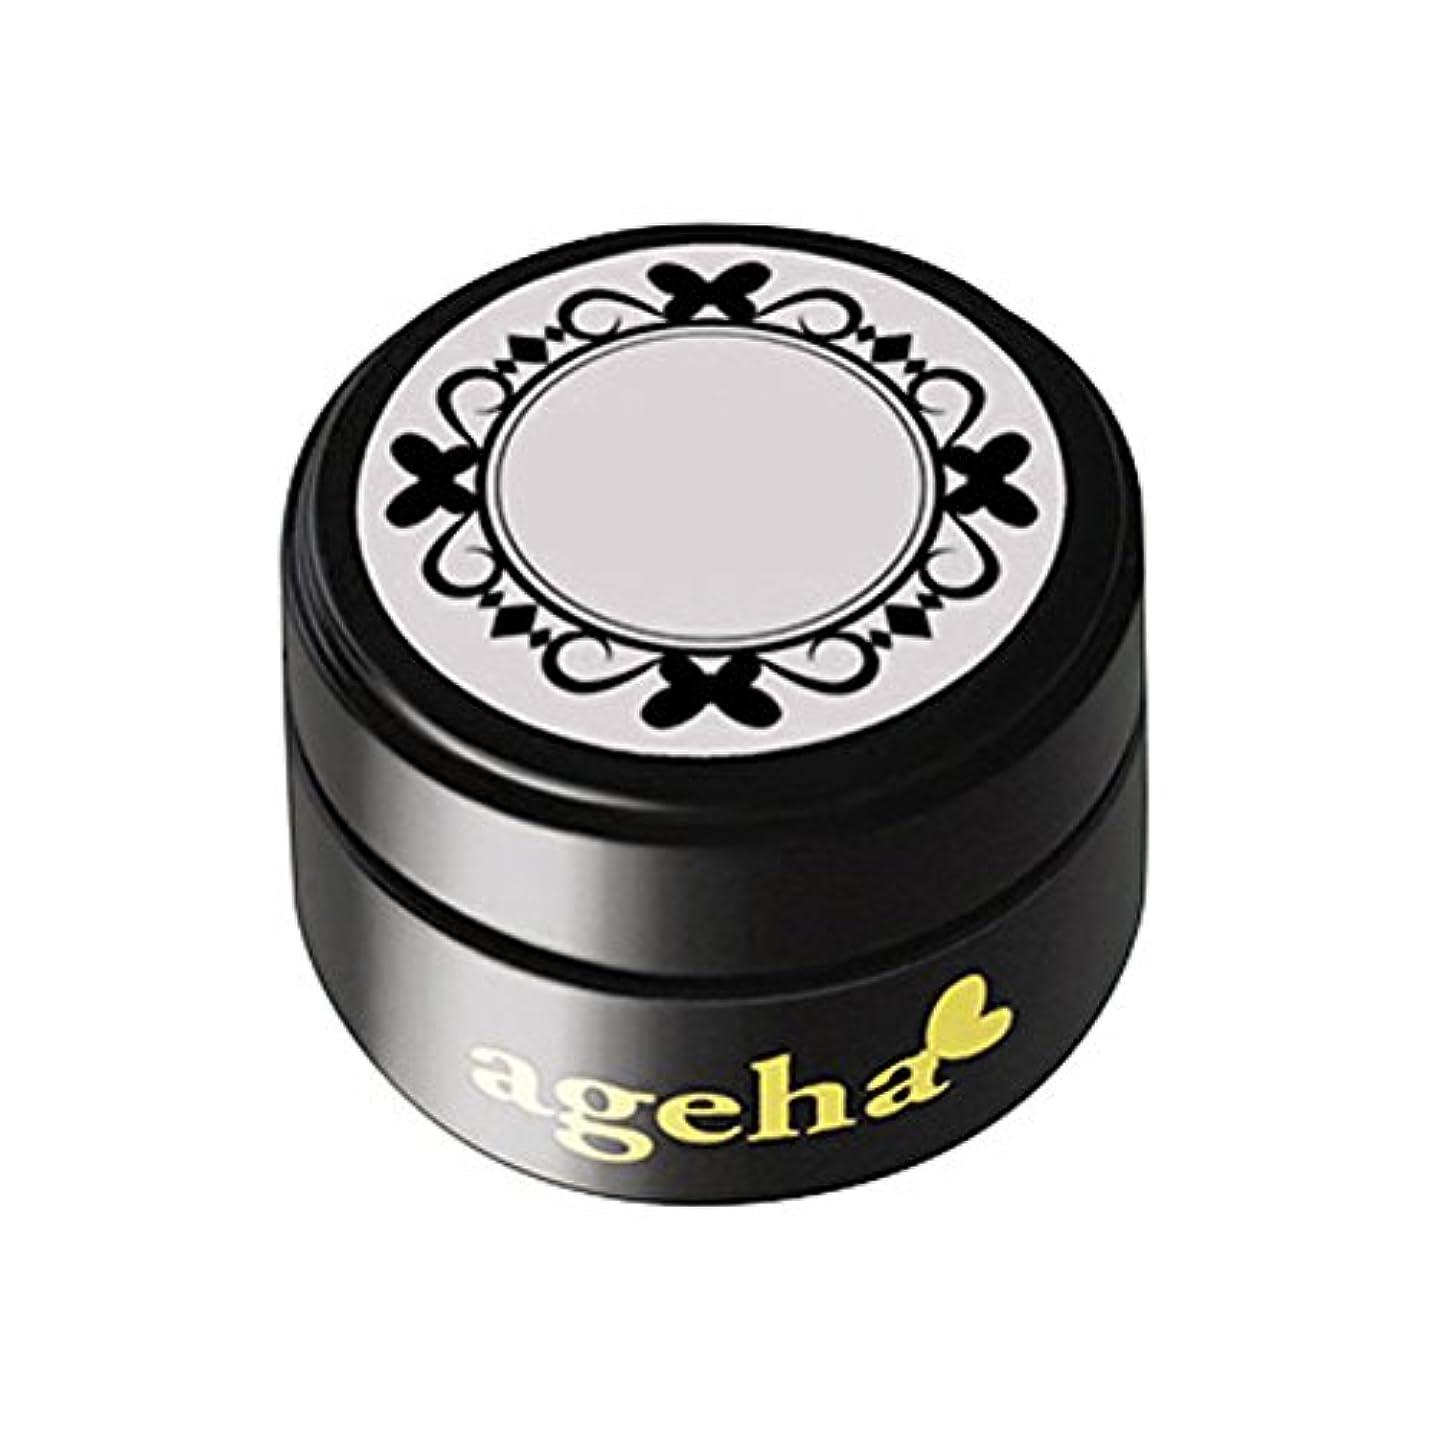 宮殿人差し指ジョージバーナードageha gel カラージェル コスメカラー 104 フレッシュヌード 2.7g UV/LED対応